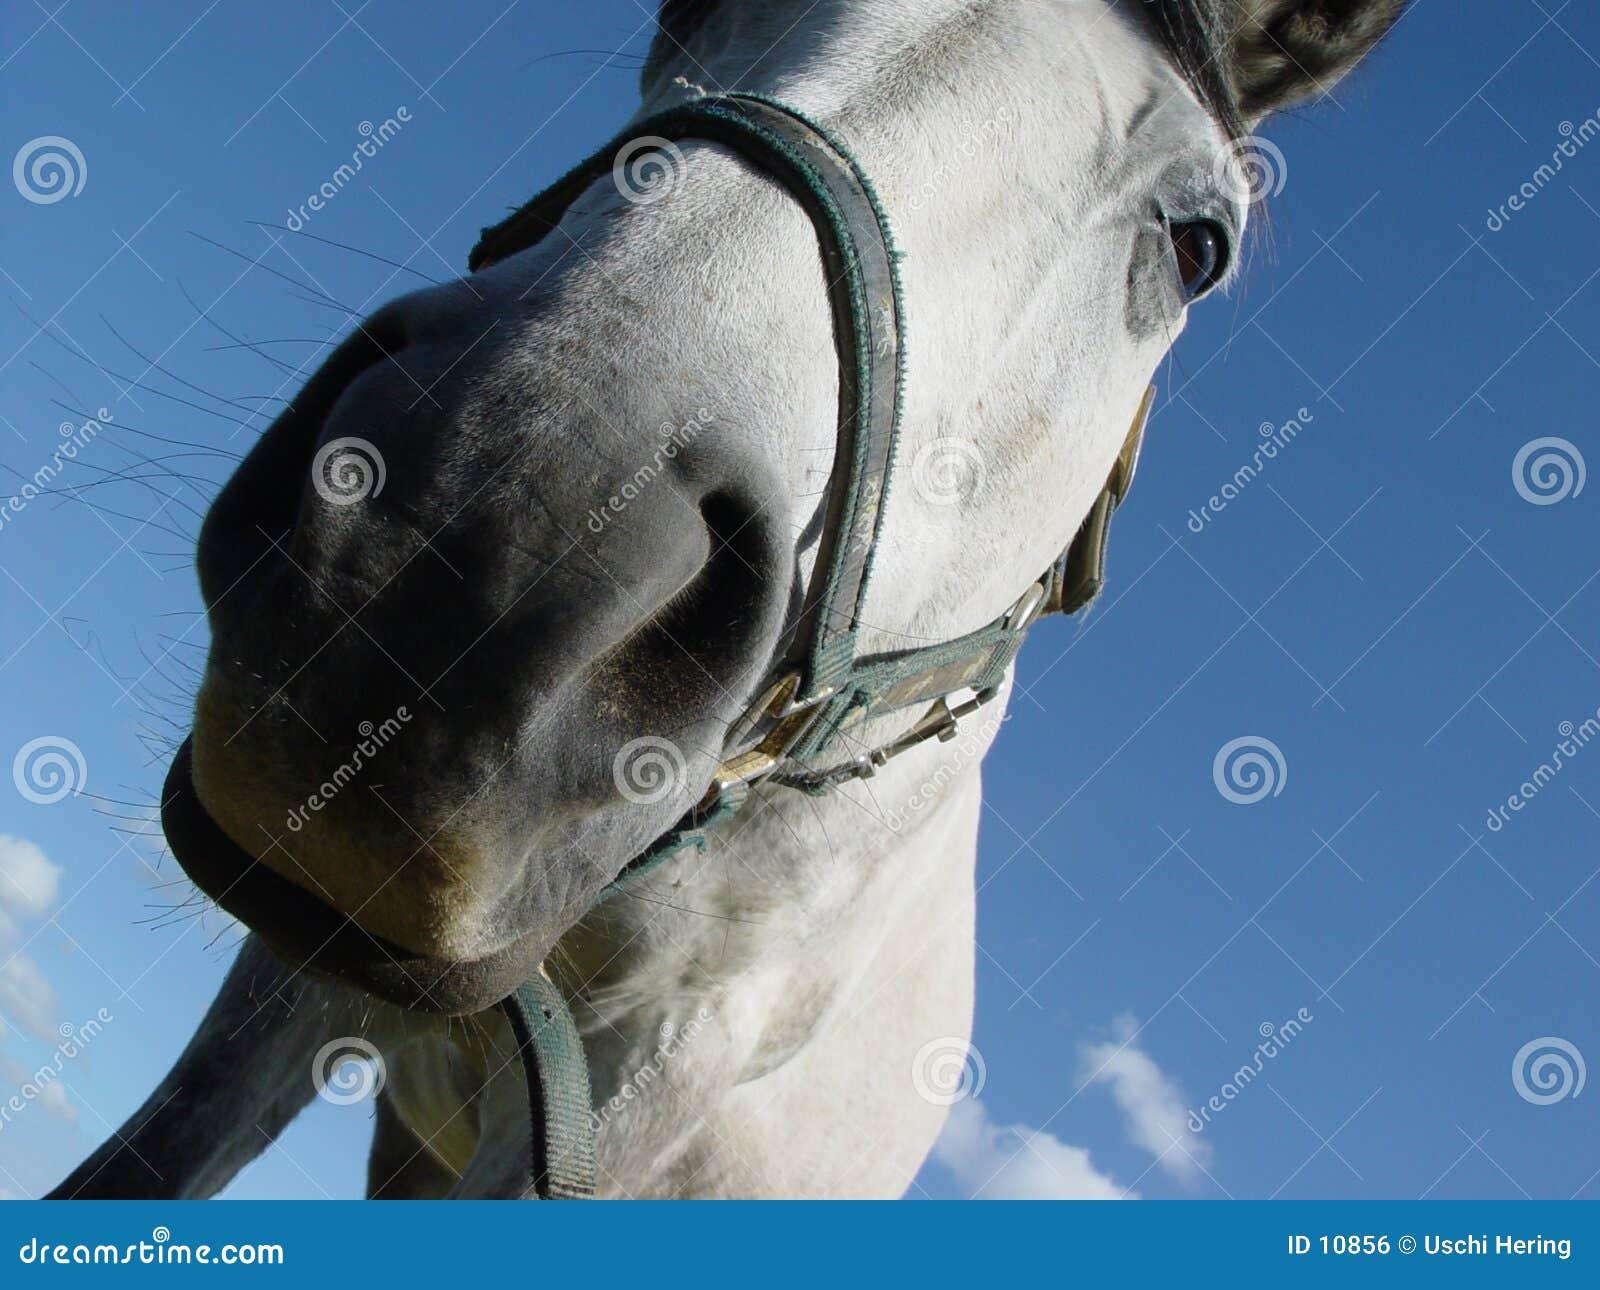 4 white horse